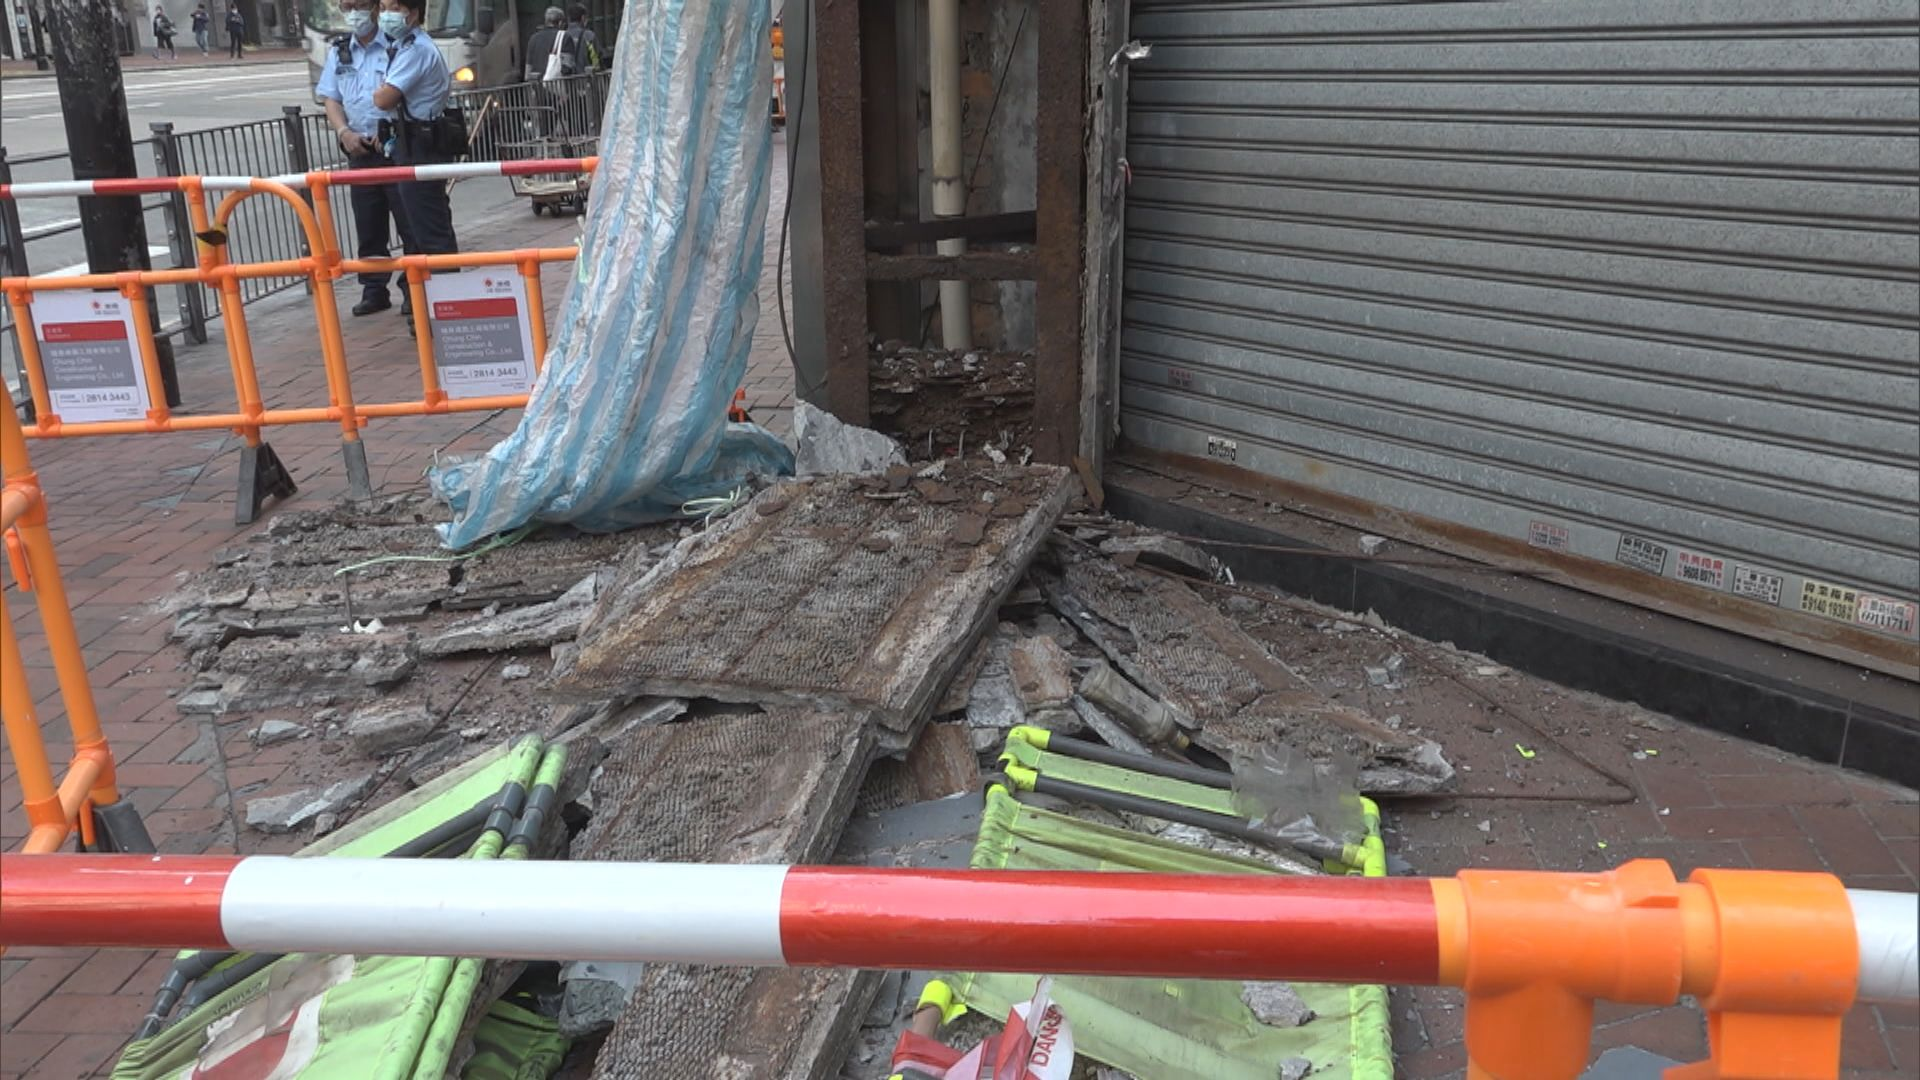 北角新時代廣場外裝飾磚牆倒塌 無人傷